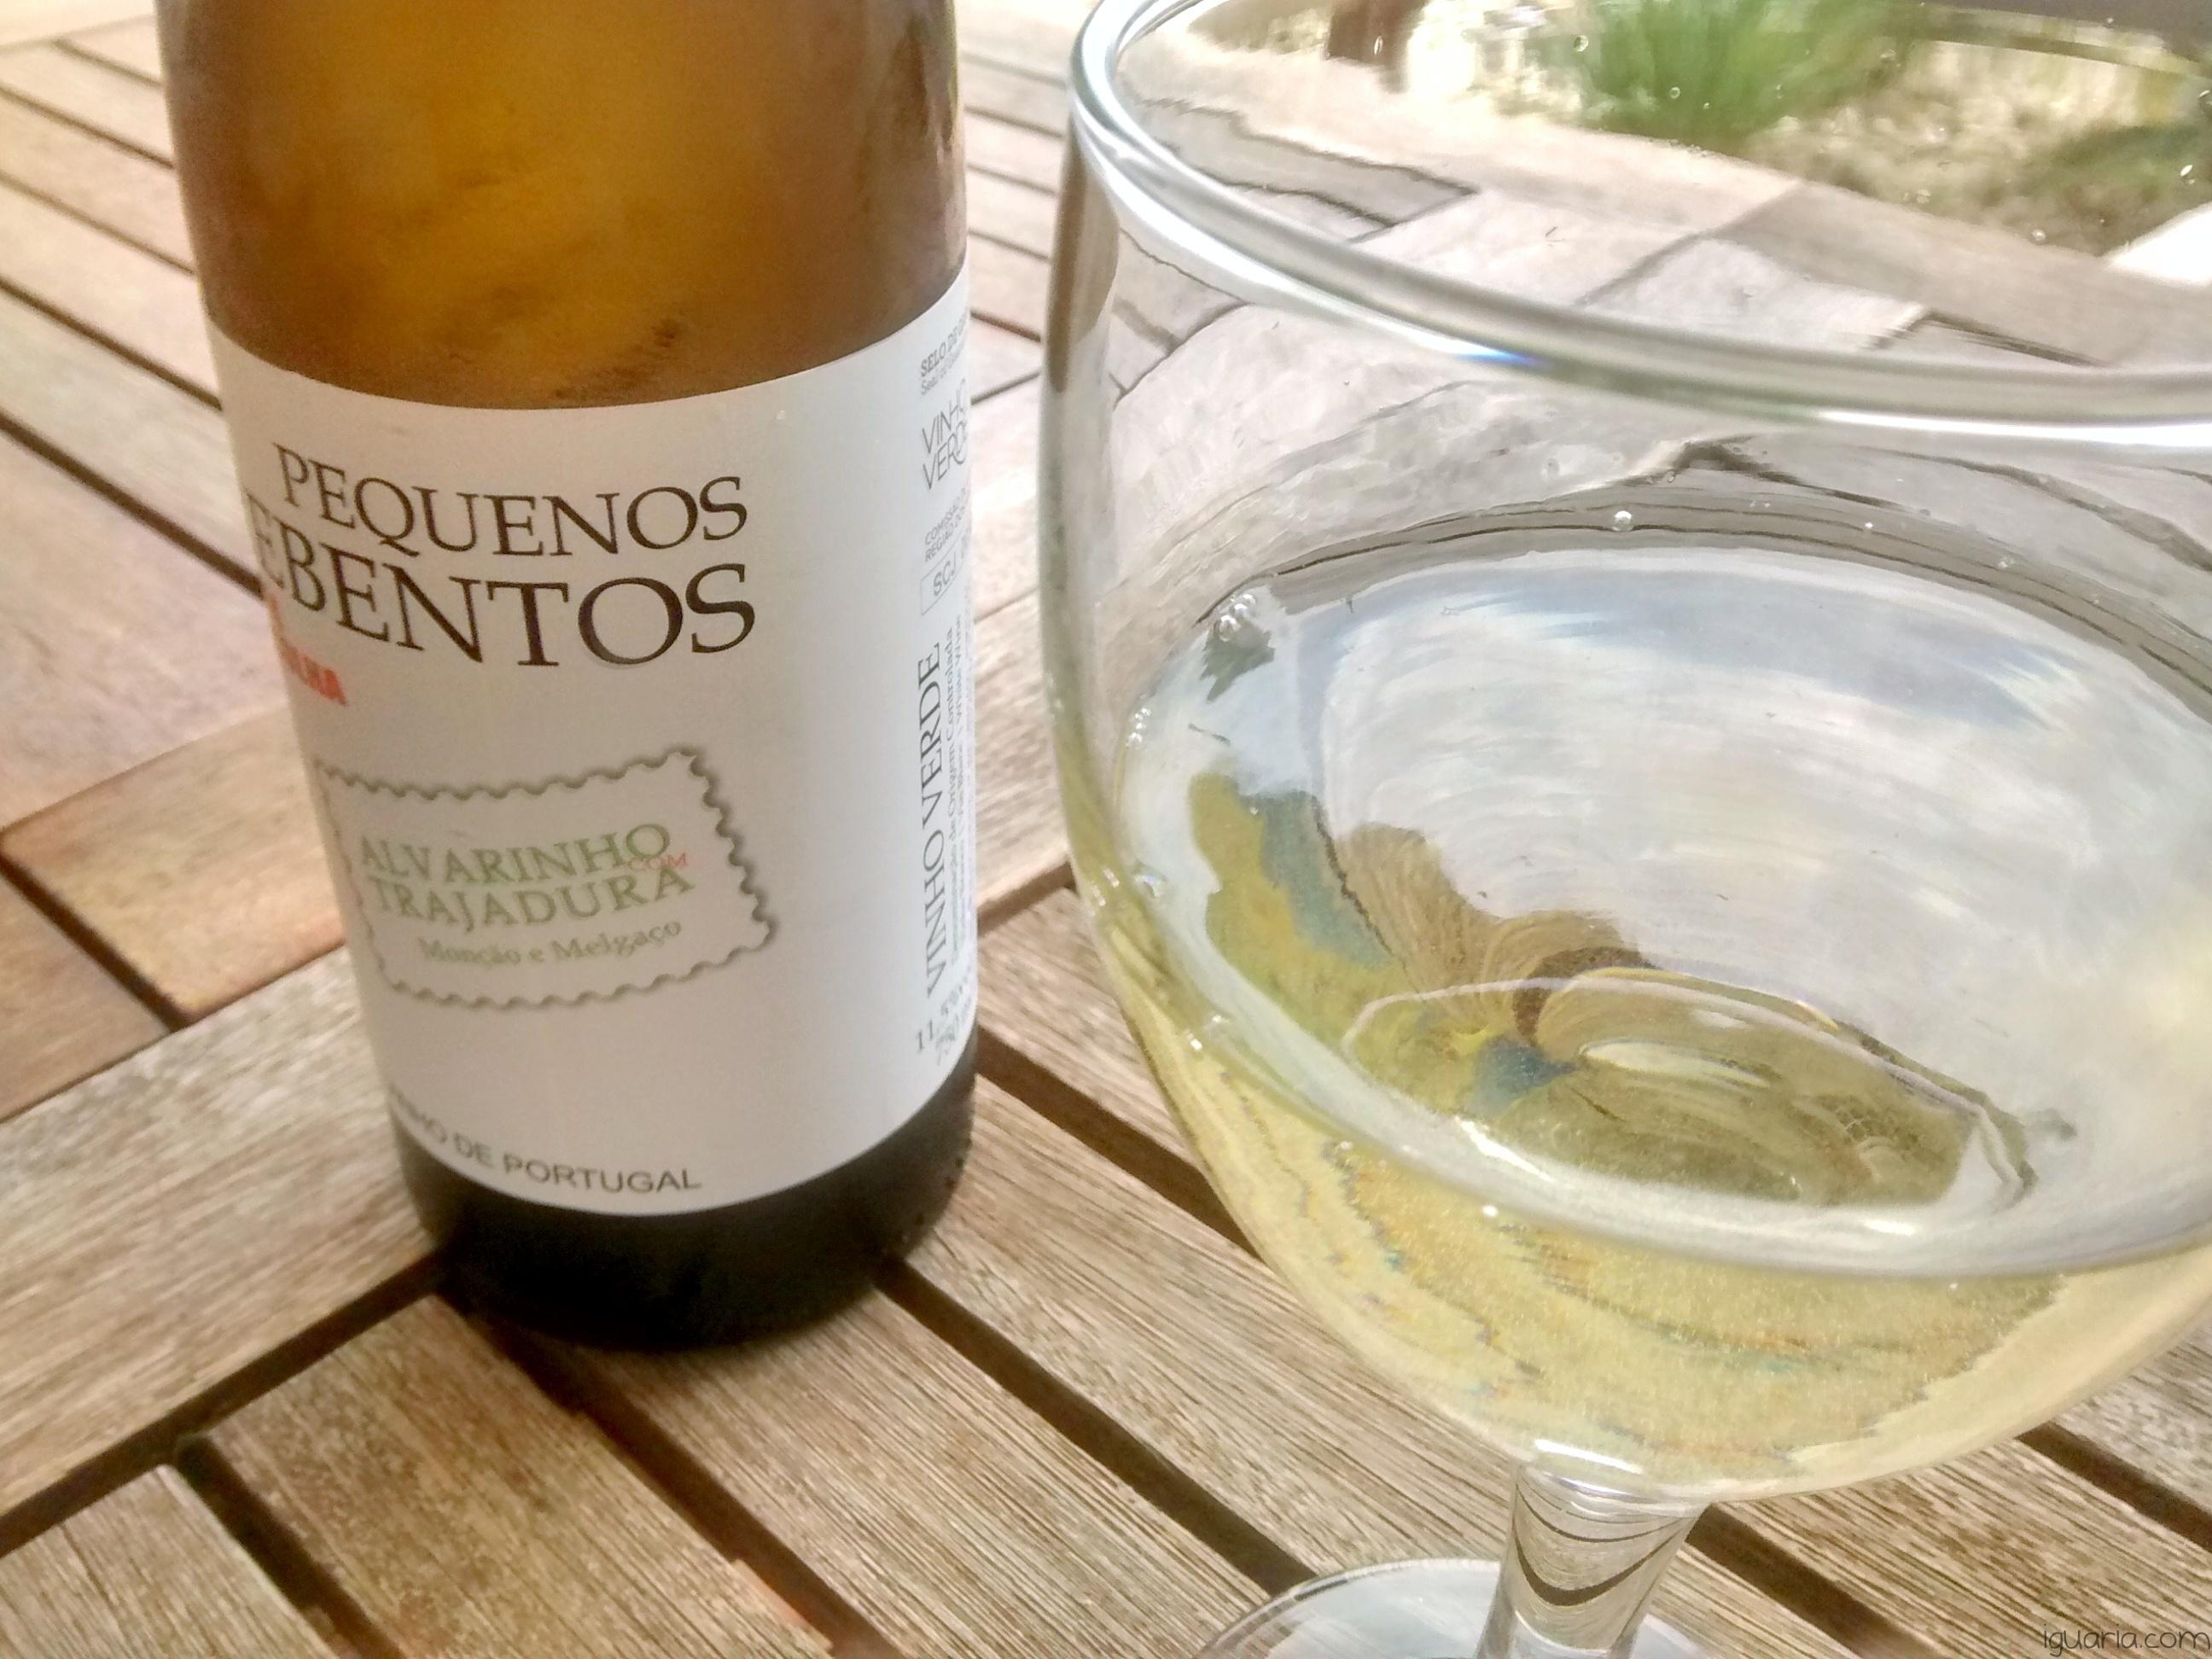 Iguaria_Copo-Vinho-Verde-Pequenos-Rebentos